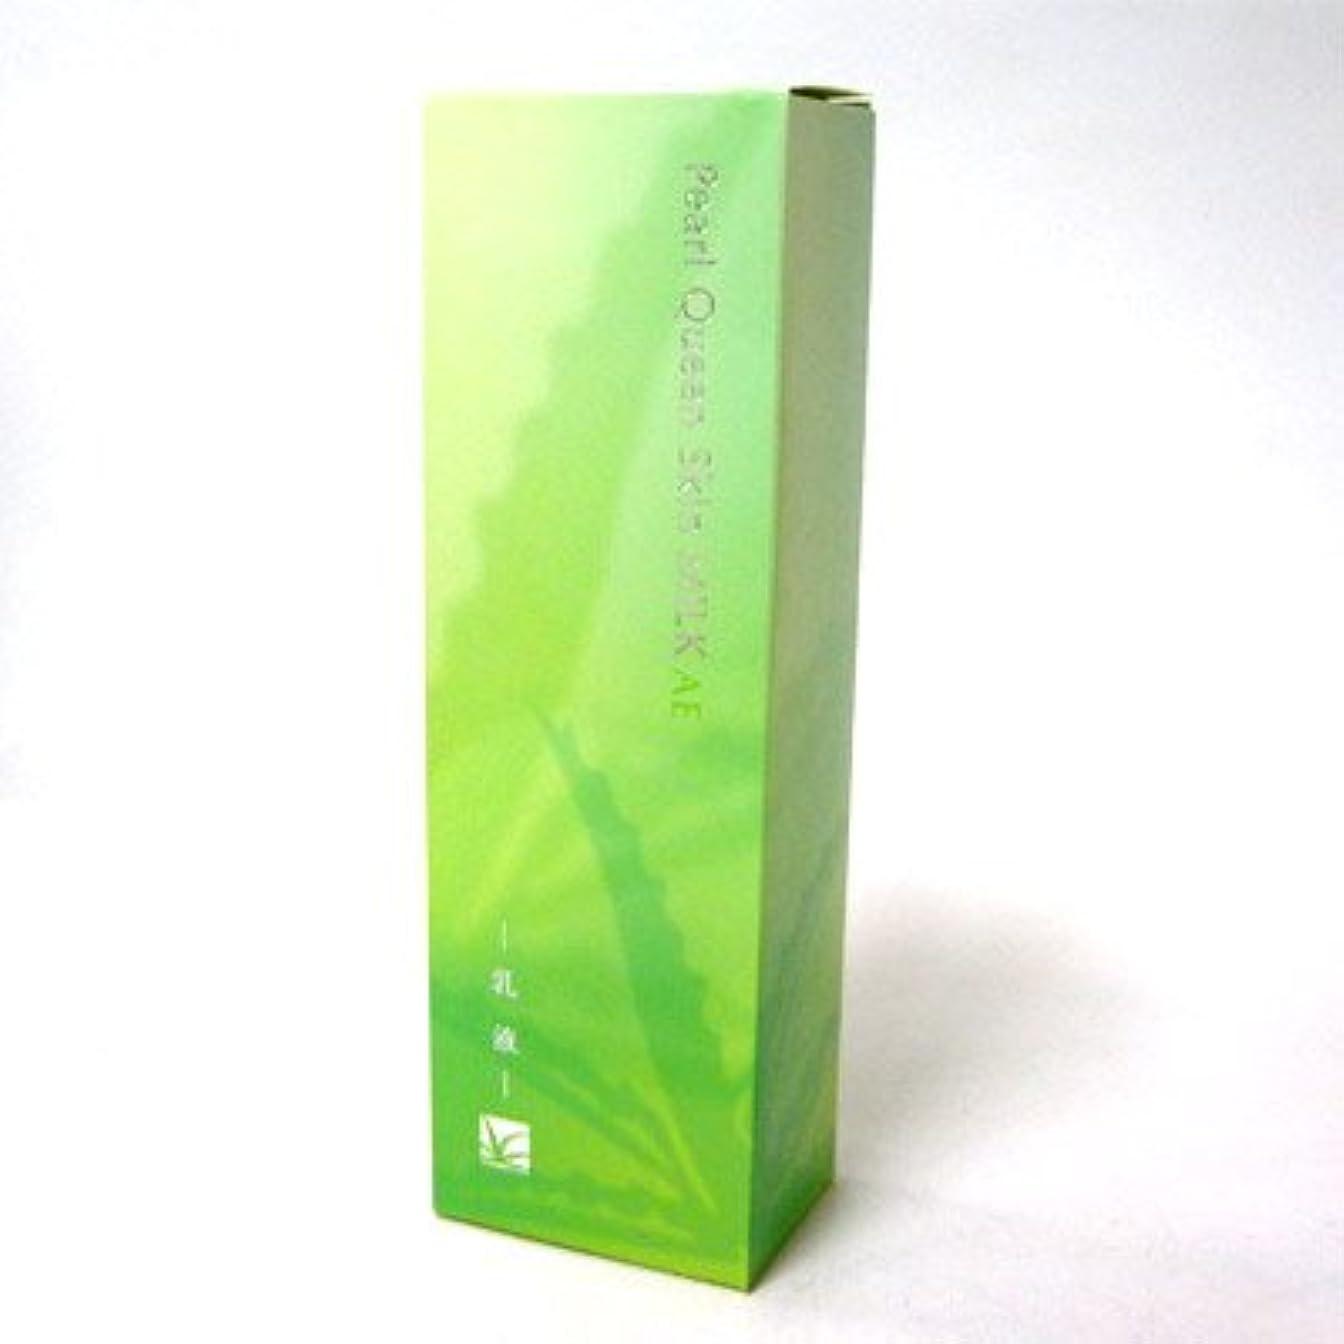 虚偽あらゆる種類の六パールクィーン 薬用ホワイトニングミルク AE 120ml 医薬部外品